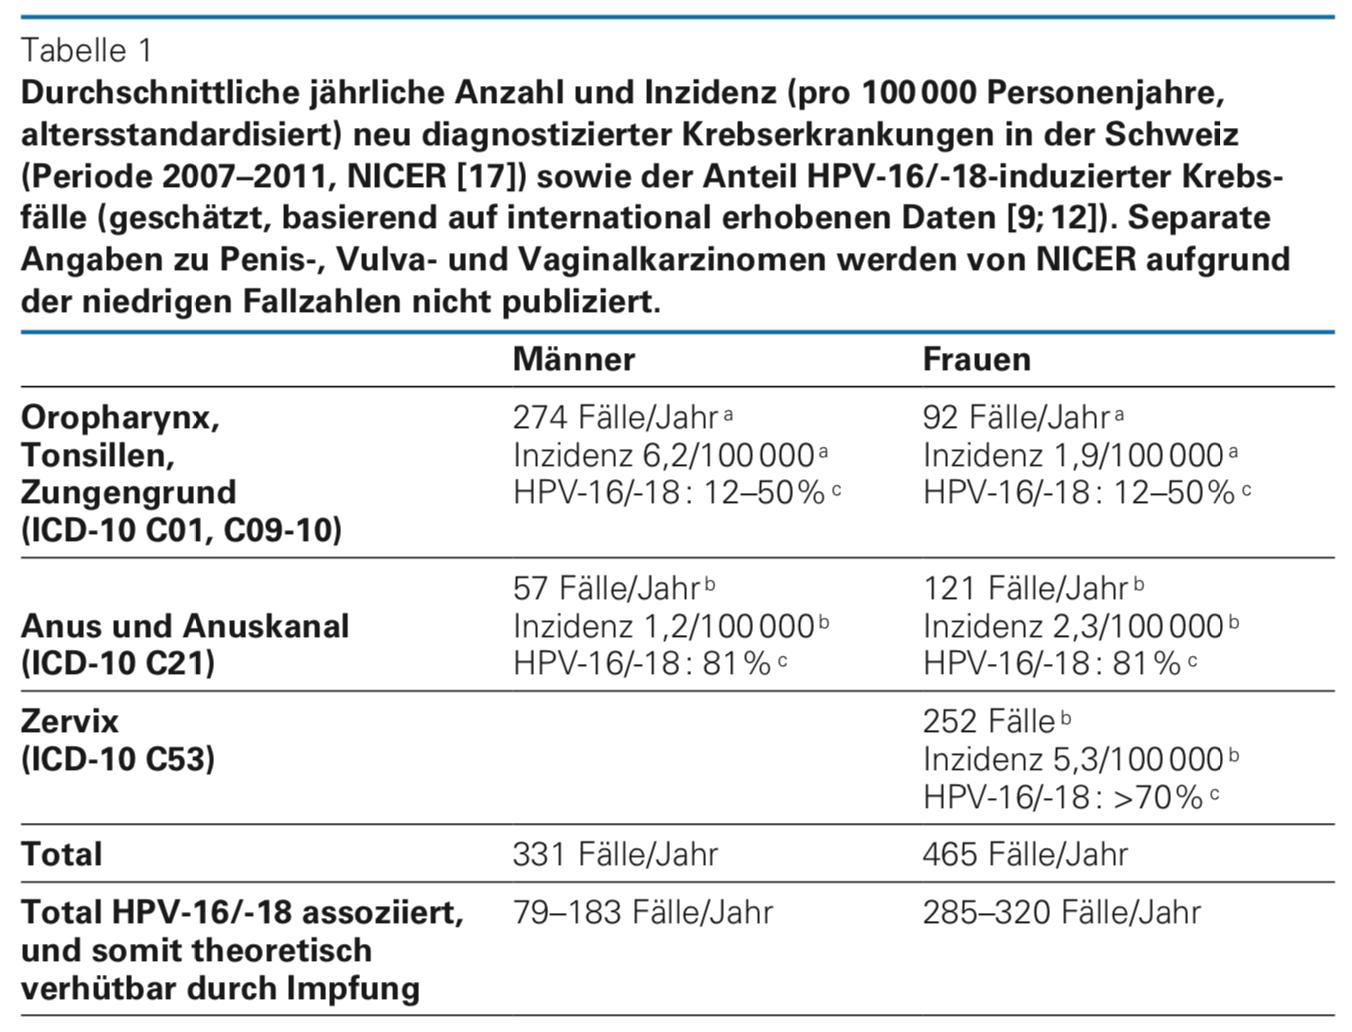 hpv impfung nebenwirkungen 2020